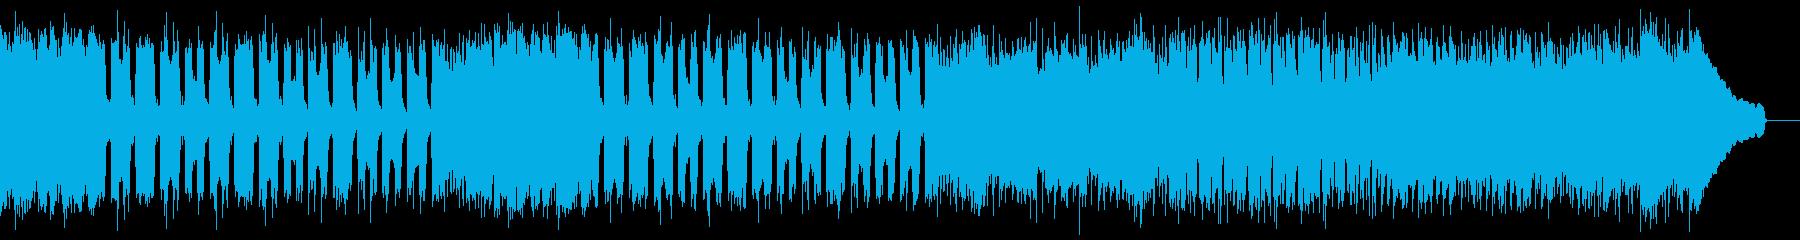 カントリー風ロックギター01Jの再生済みの波形